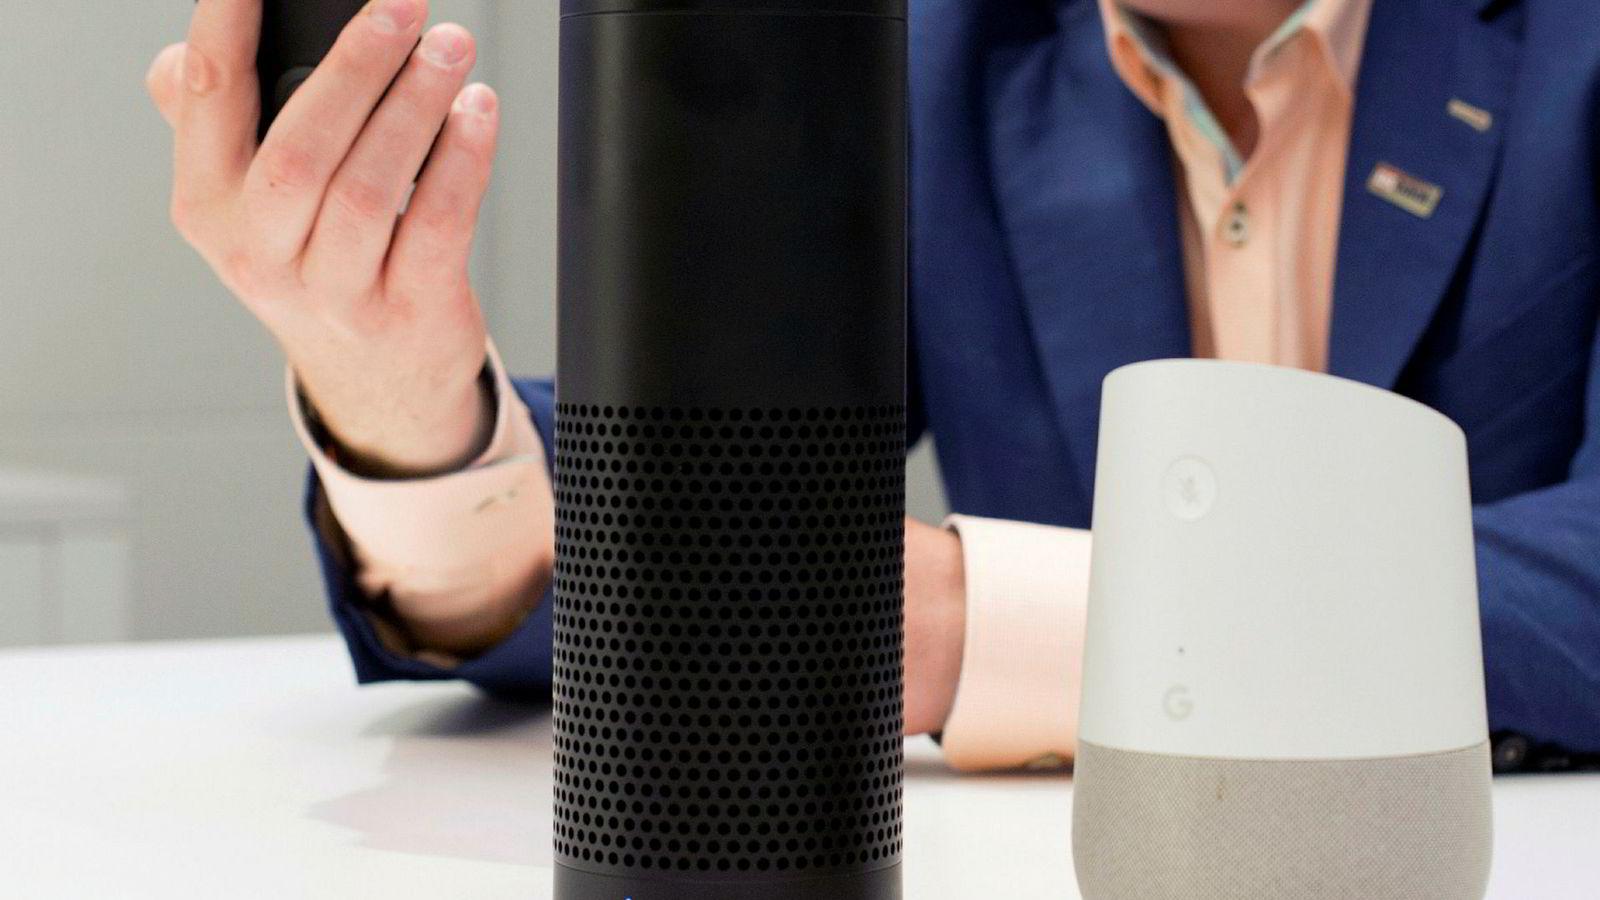 Smarthøyttalere med Google Assistant innebygd, som for eksempel Google Home (til høyre), tar opp lyd når man snakker til den. Til venstre ser man en Amazon Echo.